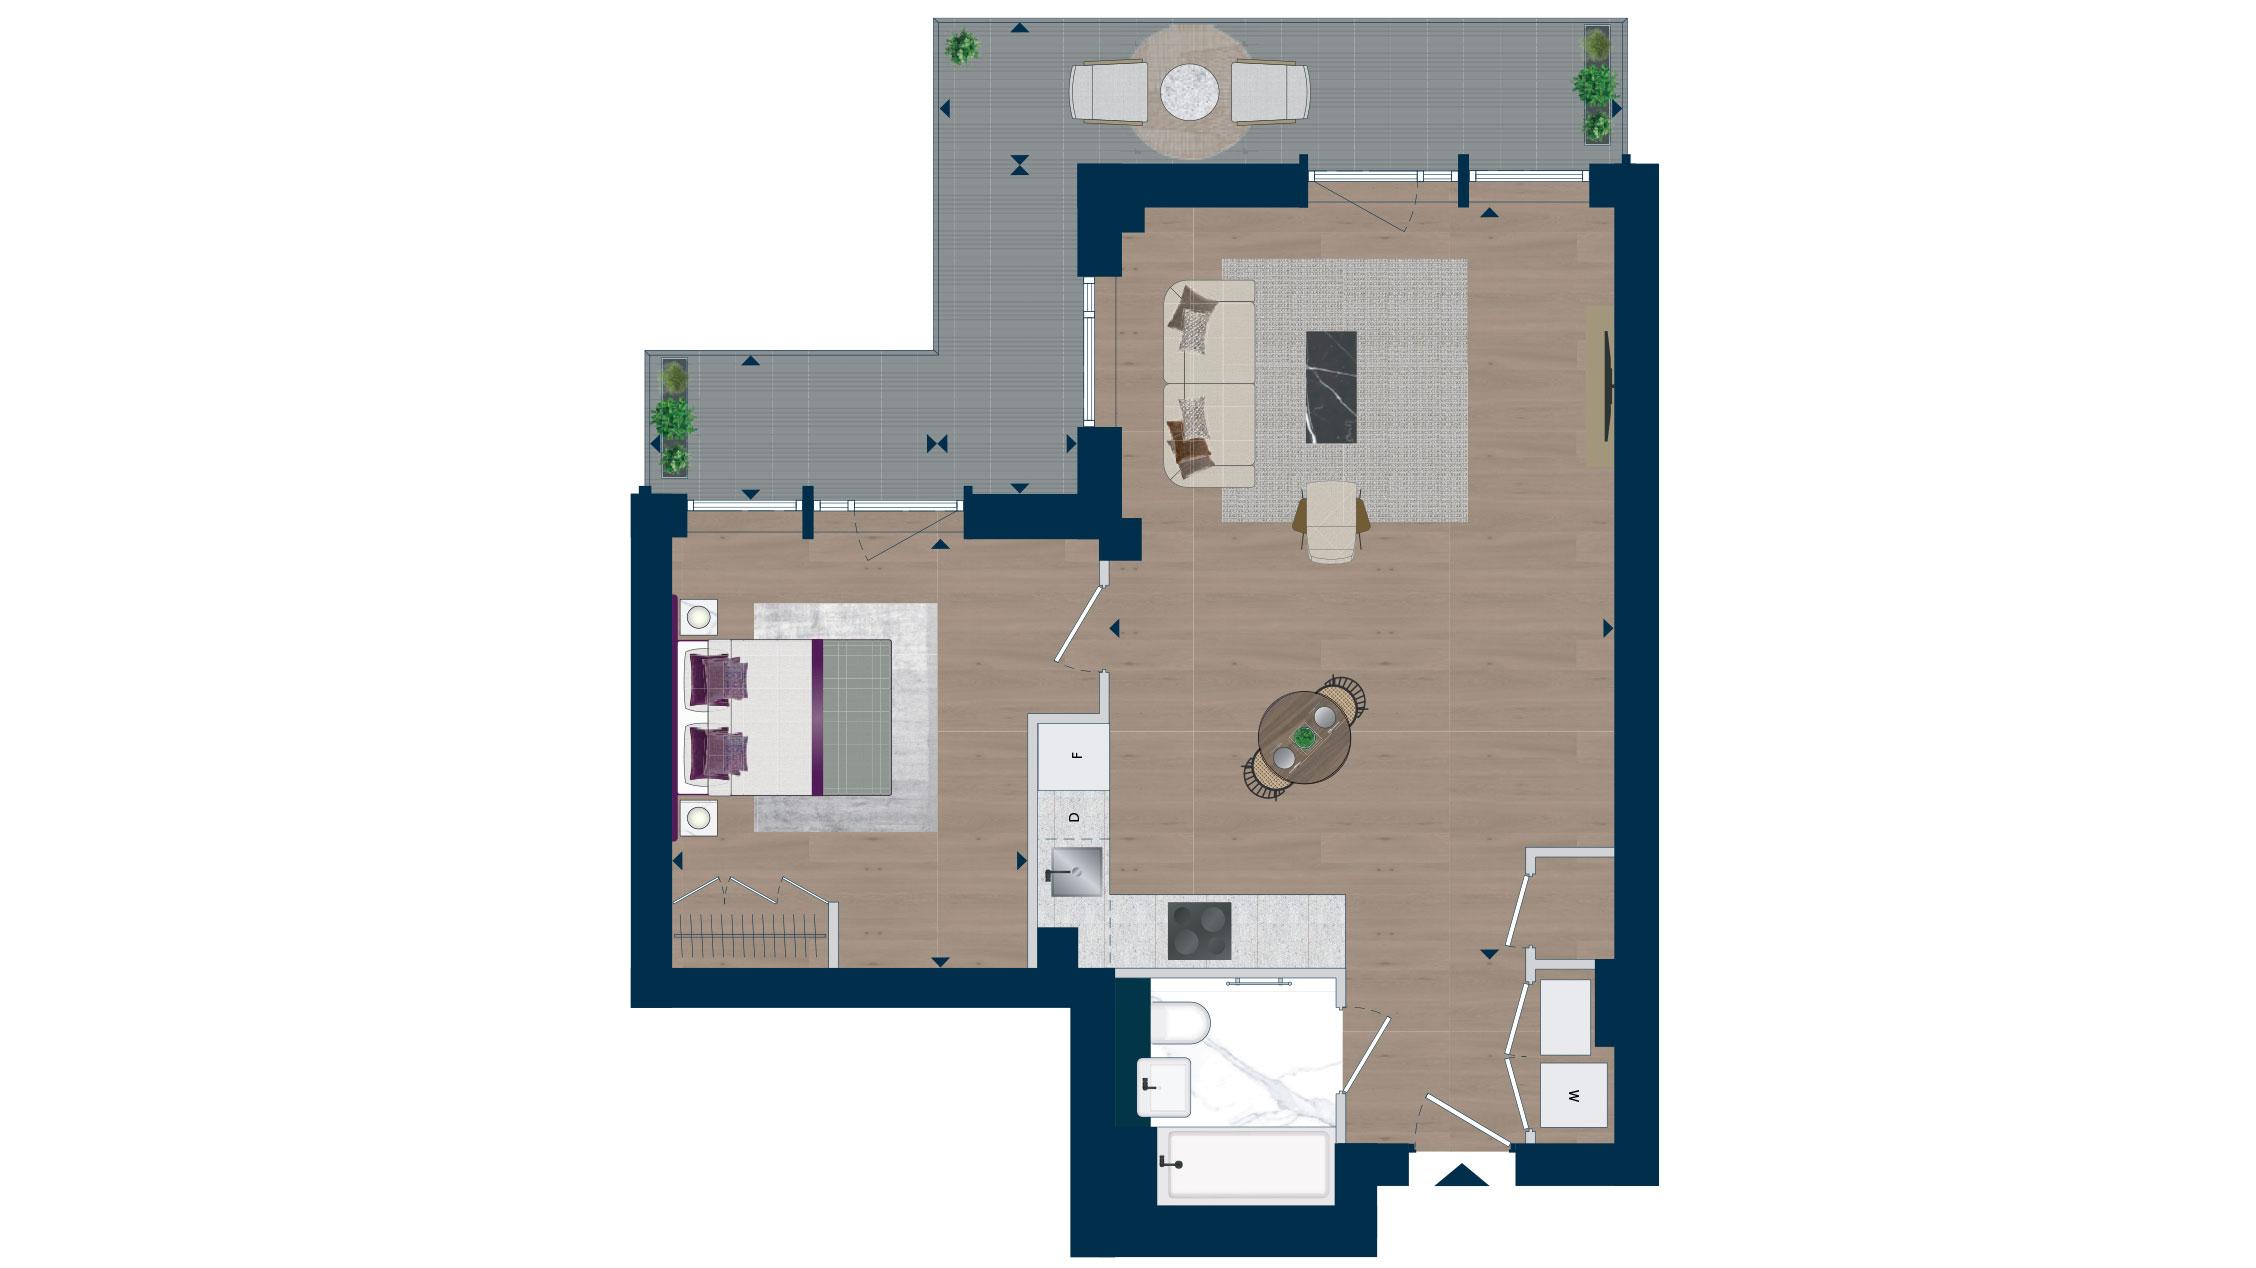 Https://D2Hxw1Celoutbe.Cloudfront.Net/Media/Filer_Public/Dc/82/Dc82C13B-7467-4De3-9310-Edede49Cc082/Royal-Eden-Docks-The-Botanist-1-Bed-C21302.Jpg